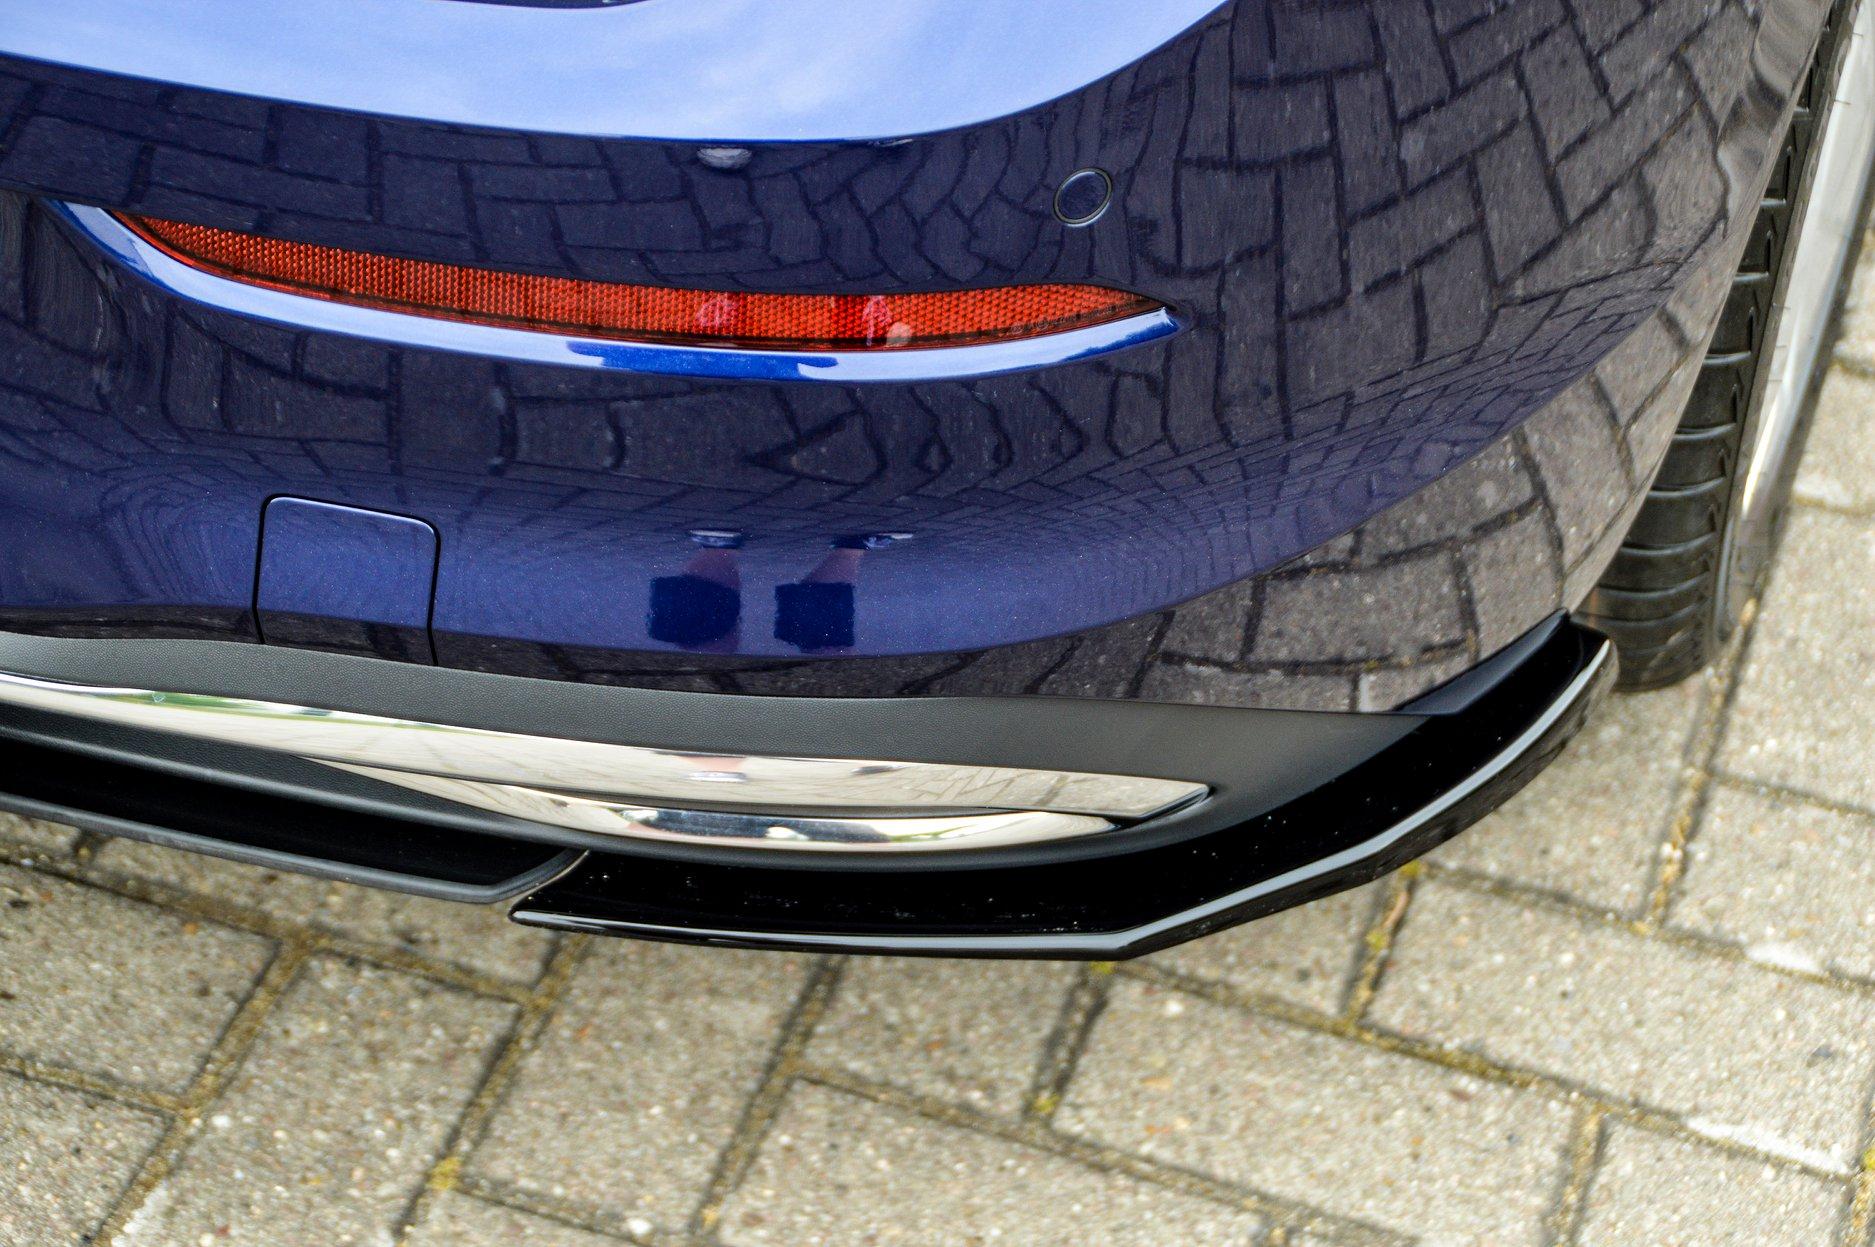 Volkswagen-Golf-8-by-Ingo-Noak-Tuning-4